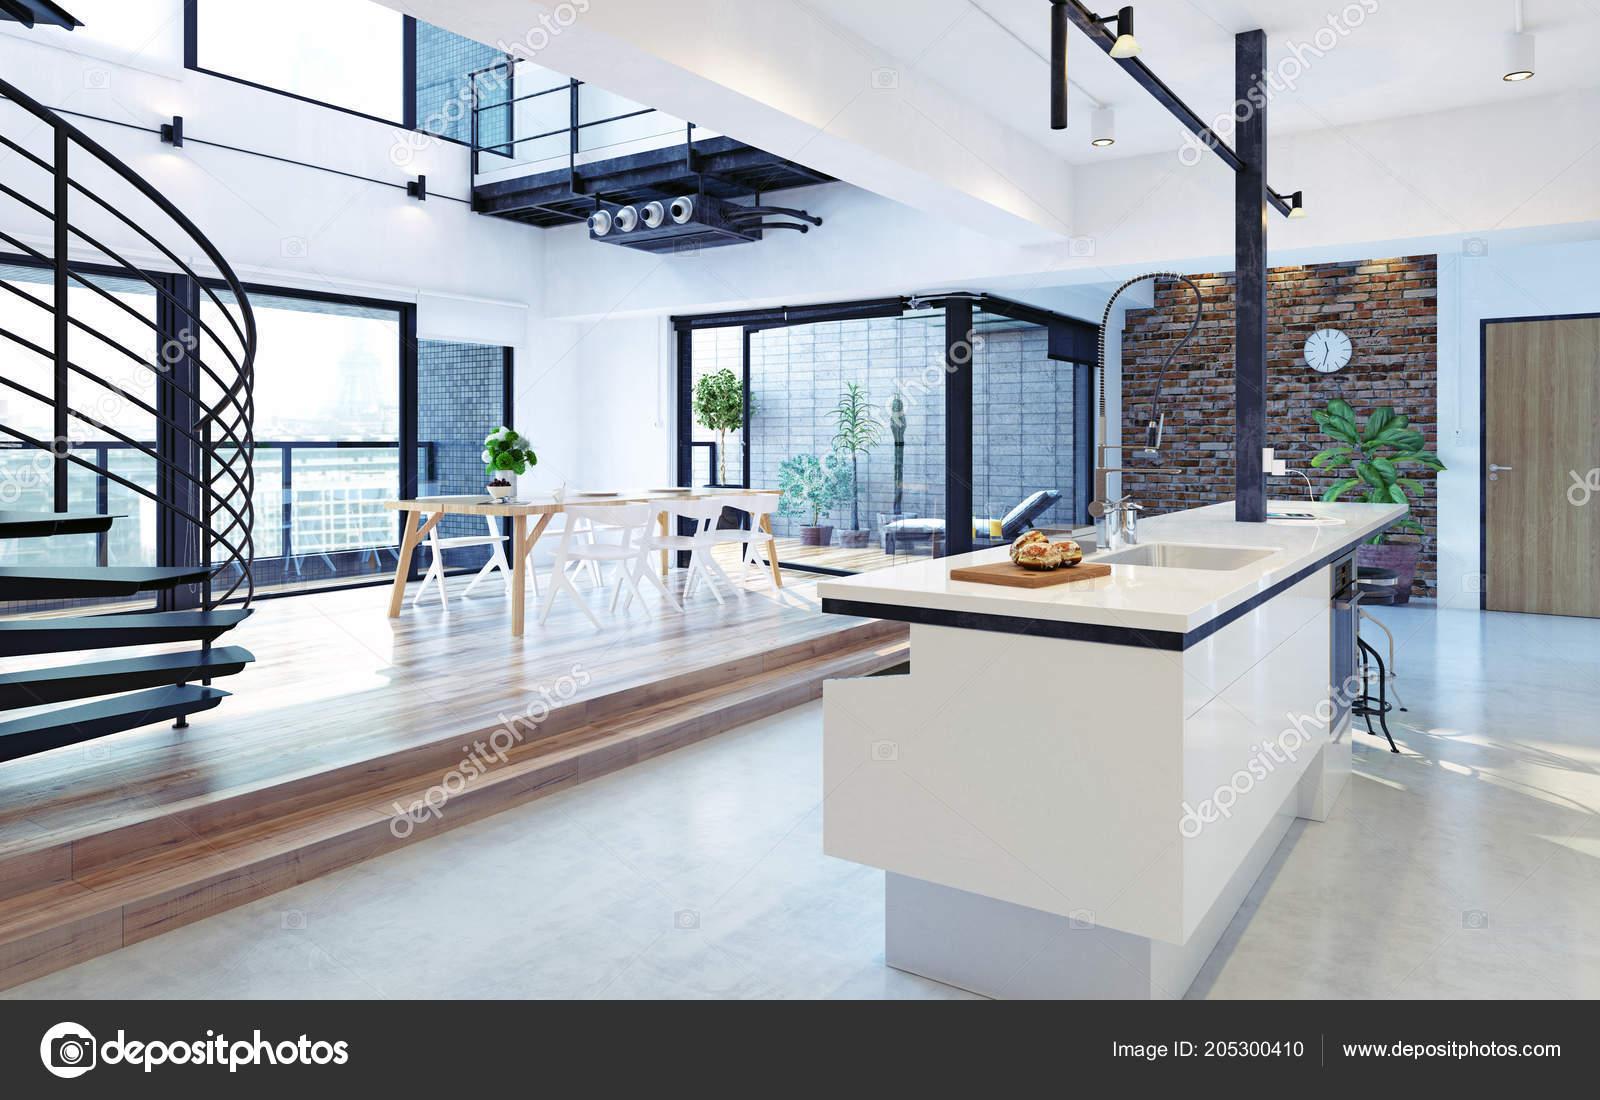 Interiore lusso moderno loft appartamento concetto rendering